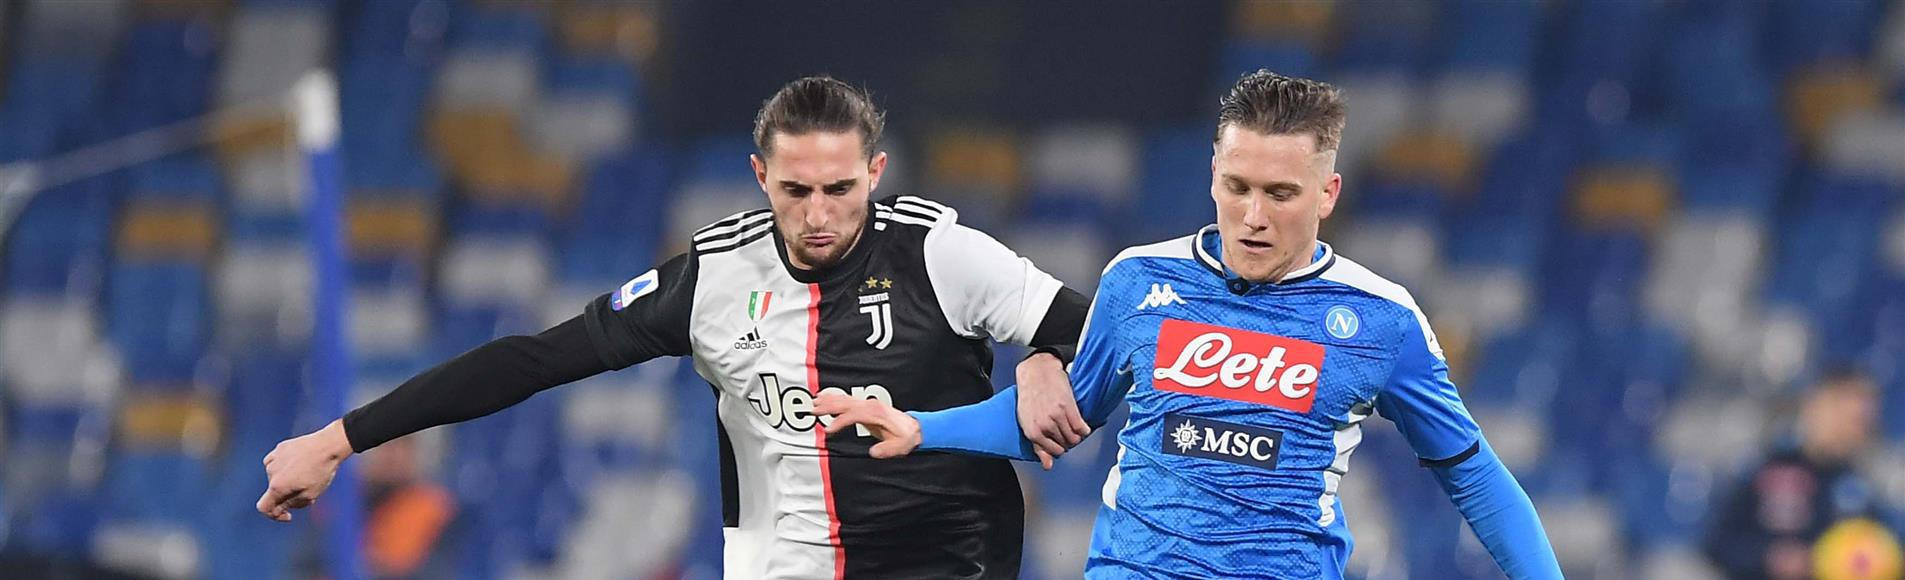 Supercoppa Juve-Napoli, telecronisti e ospiti su Rai1 |  Sport e Vai